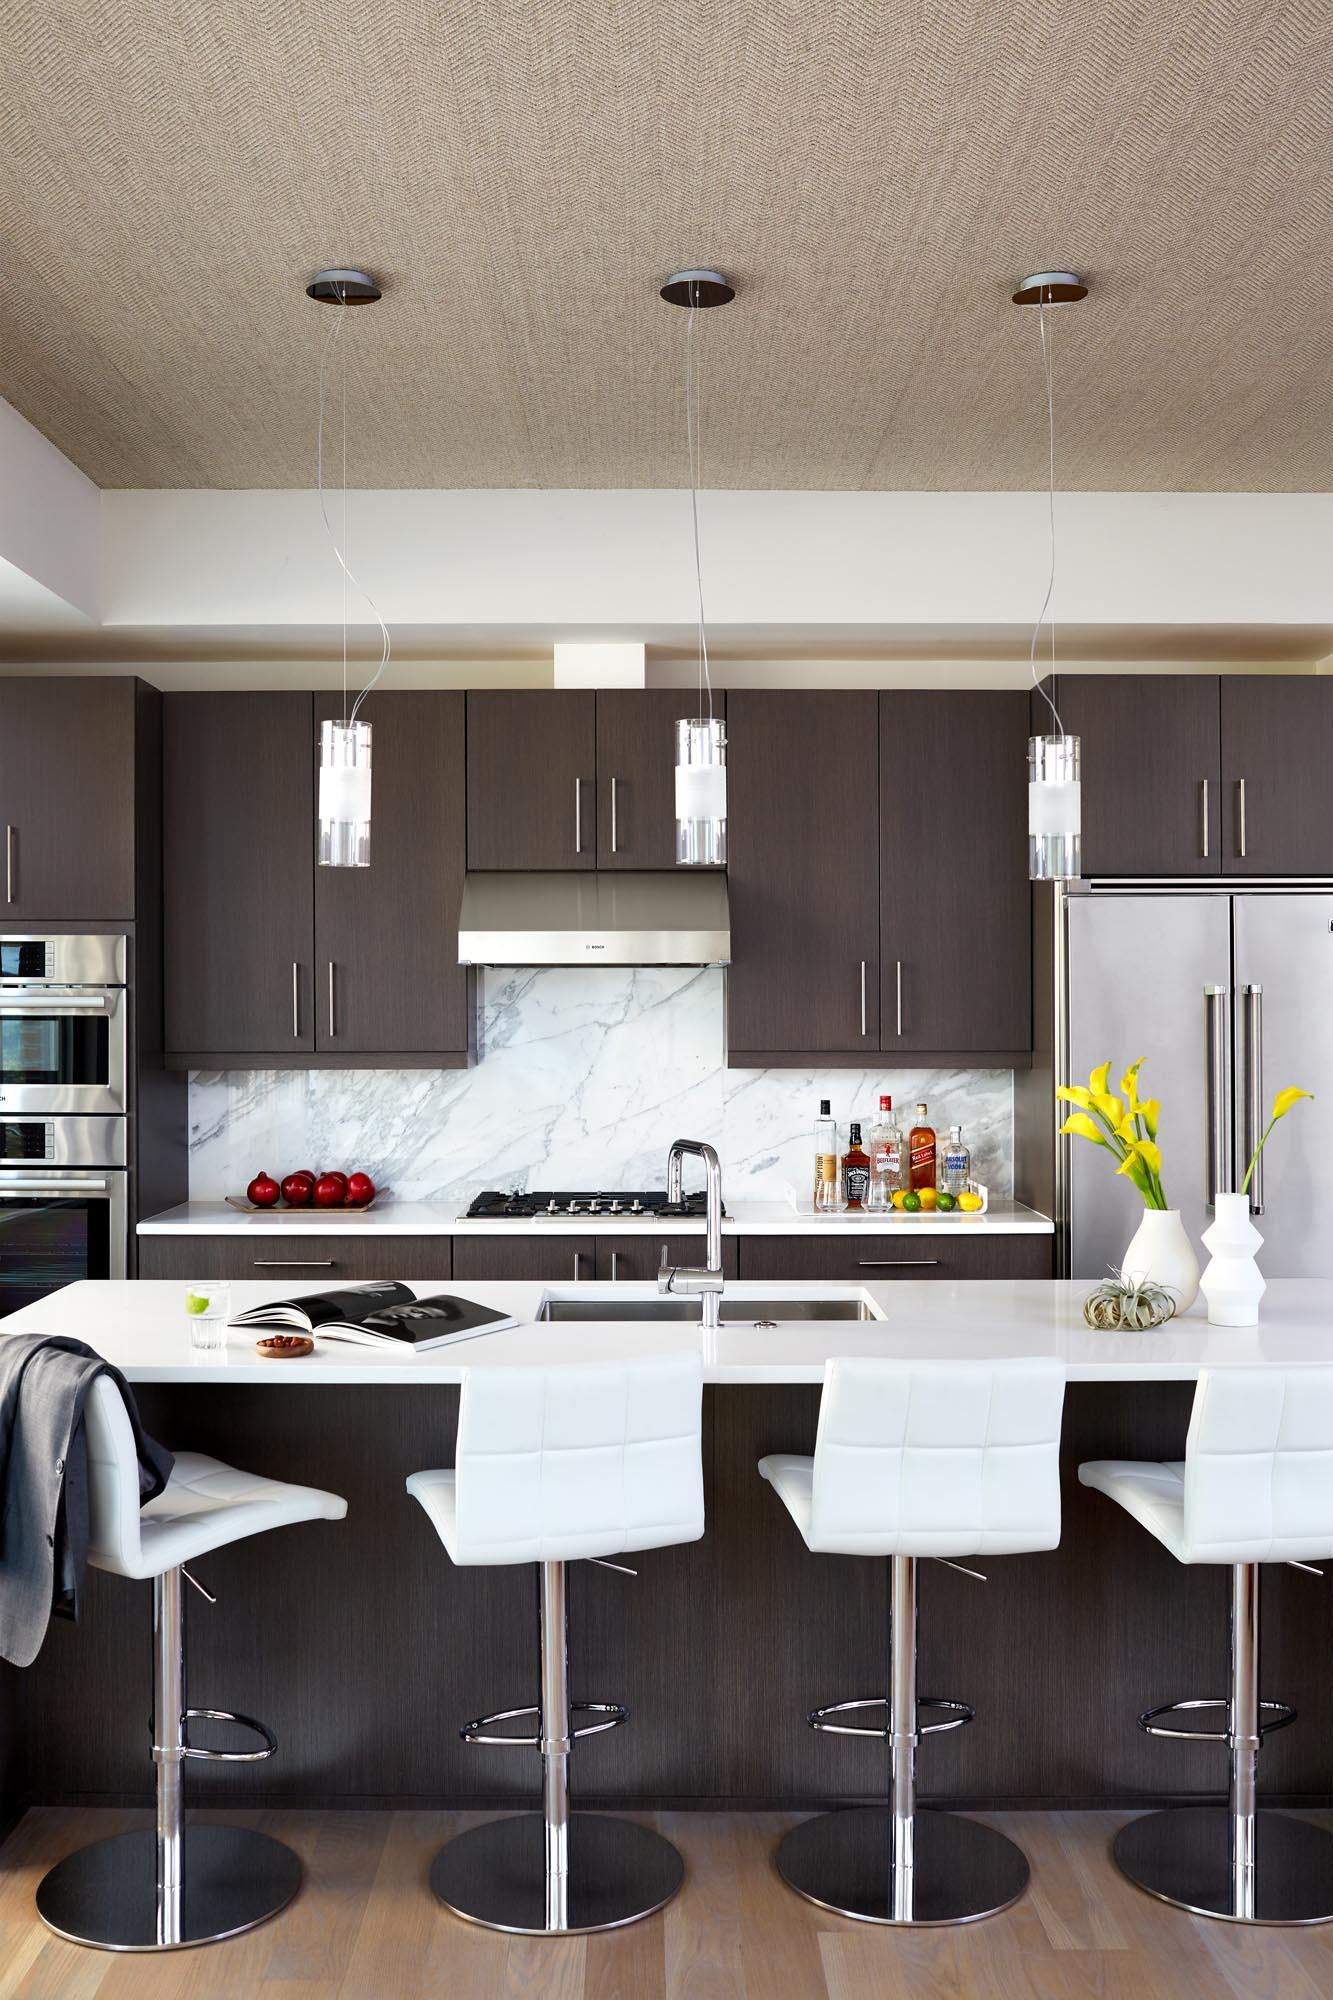 Boston kitchen island design by Dane Austin Design